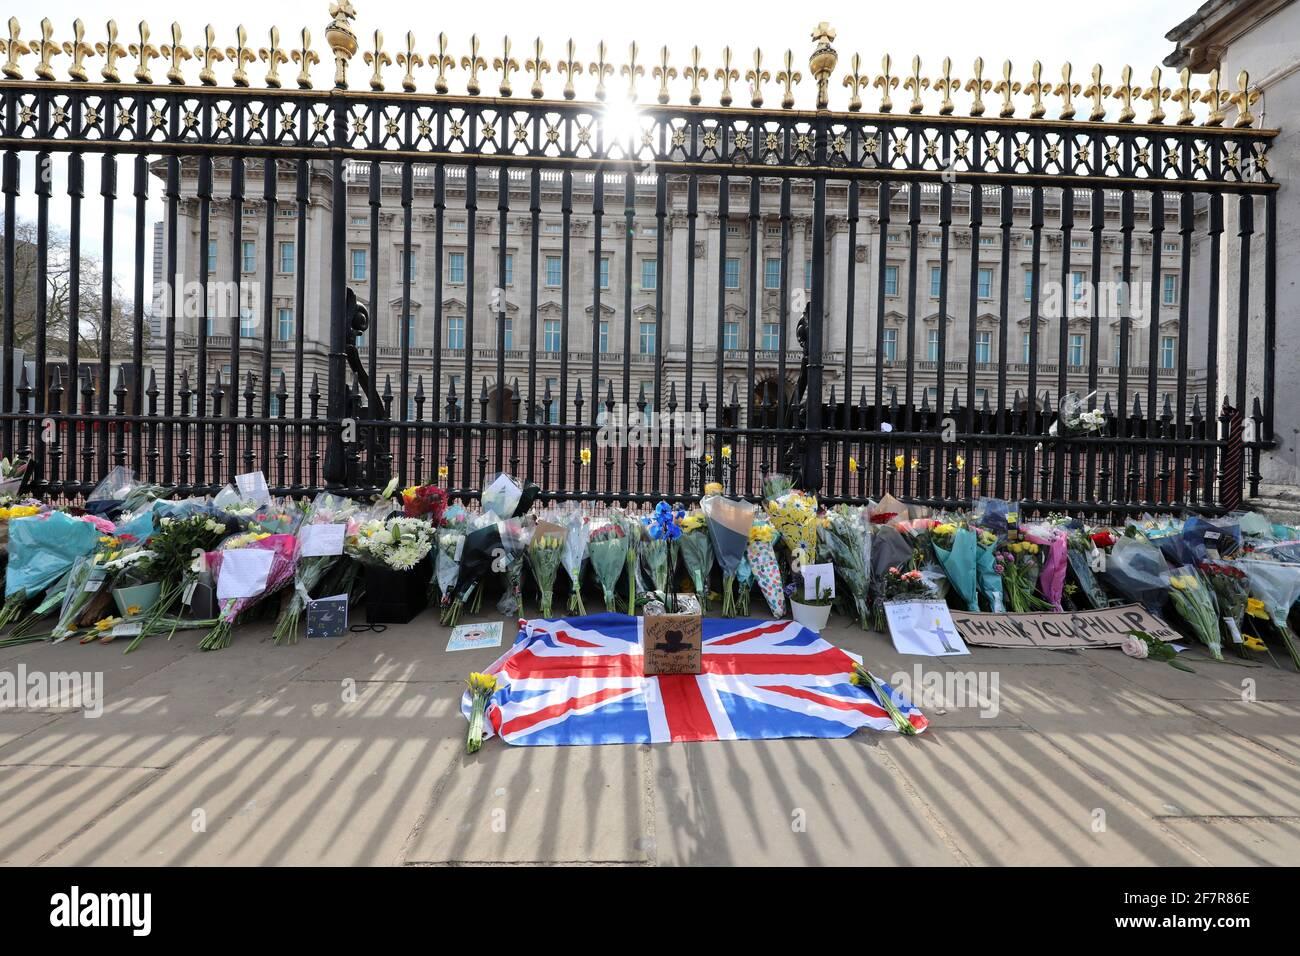 Londres, Royaume-Uni. 9 avril 2021. Hommages floraux rendus par les gens au Palais de Buckingham après l'annonce de la mort du prince Philip crédit: Paul Brown/Alay Live News Banque D'Images